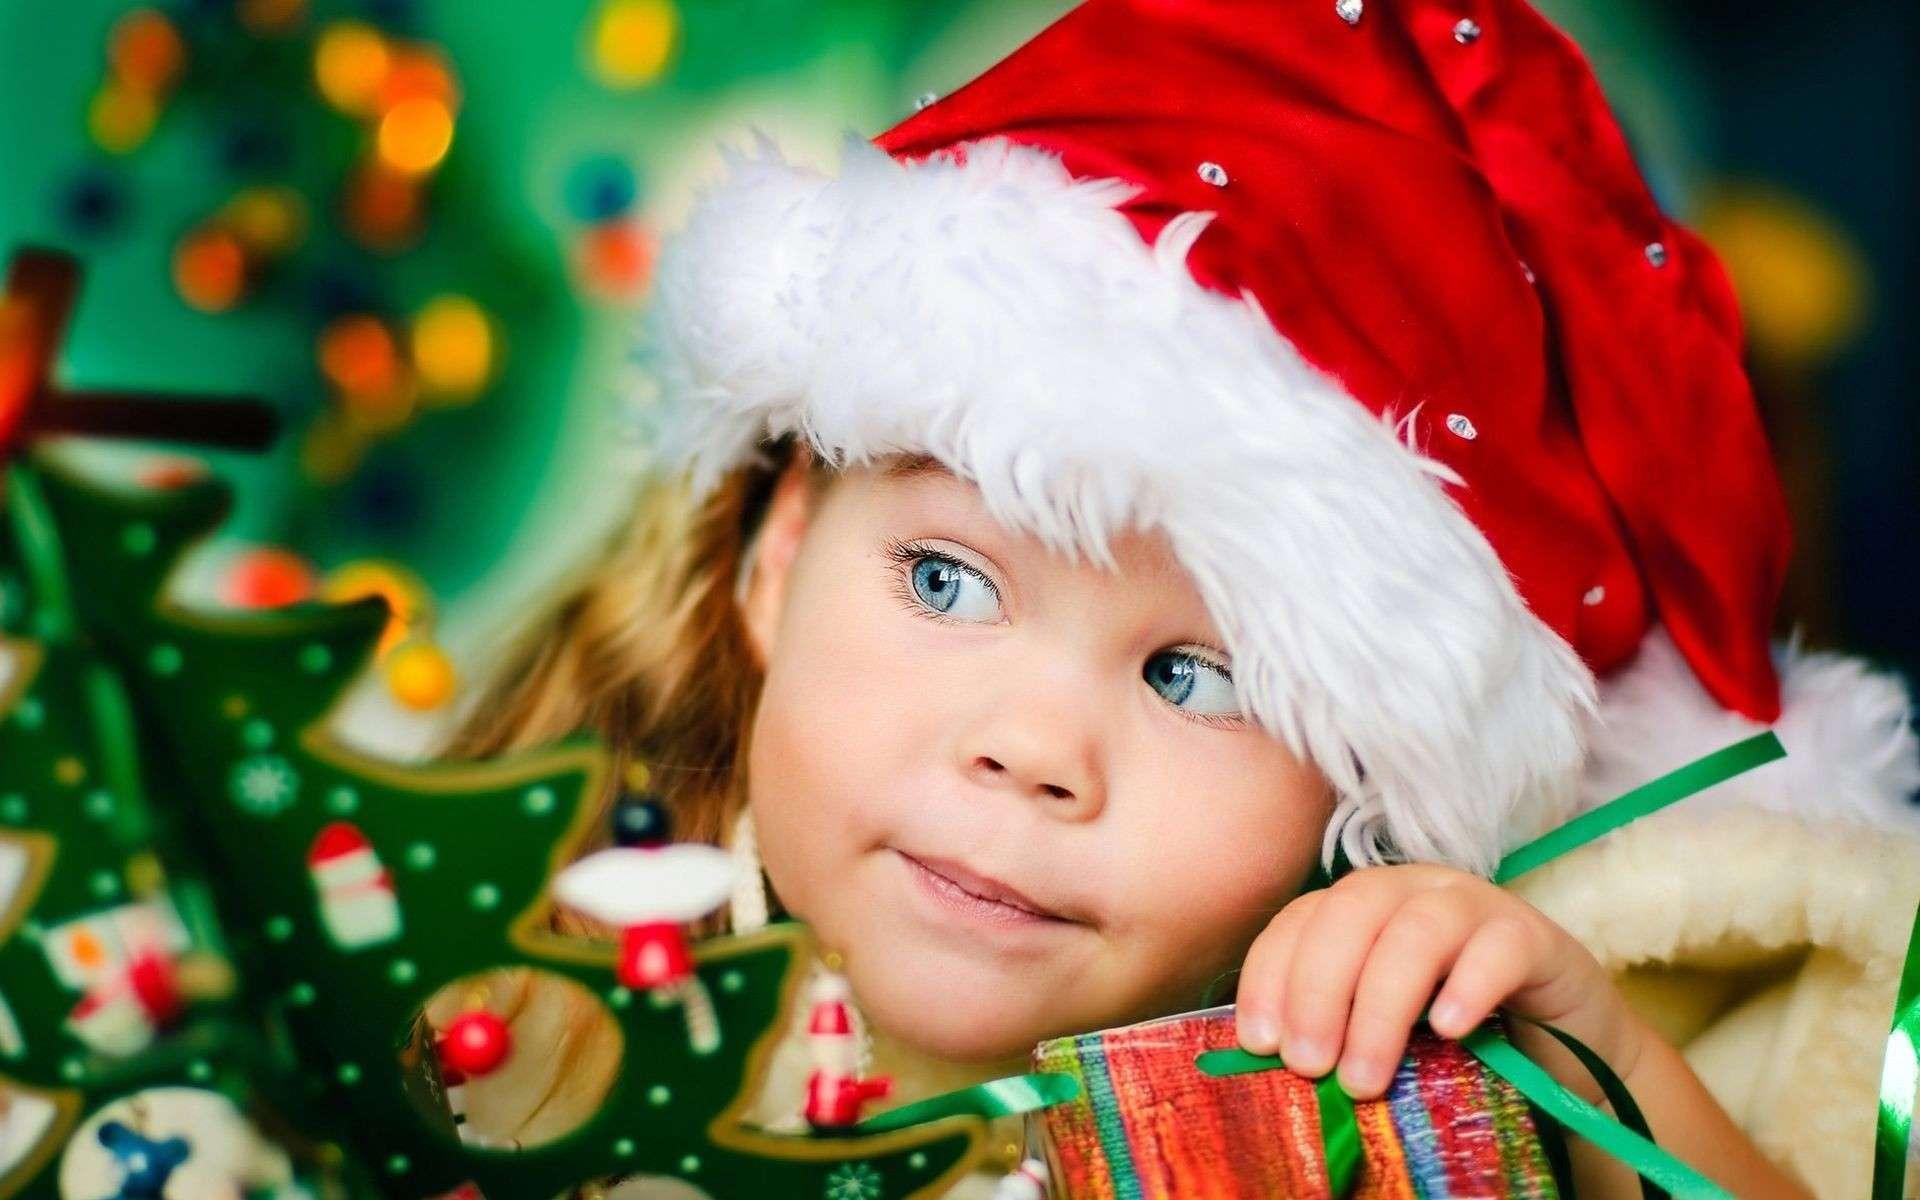 Natale Bambini.Dai Giochi All Umore Ecco I Dieci Consigli Per Un Natale A